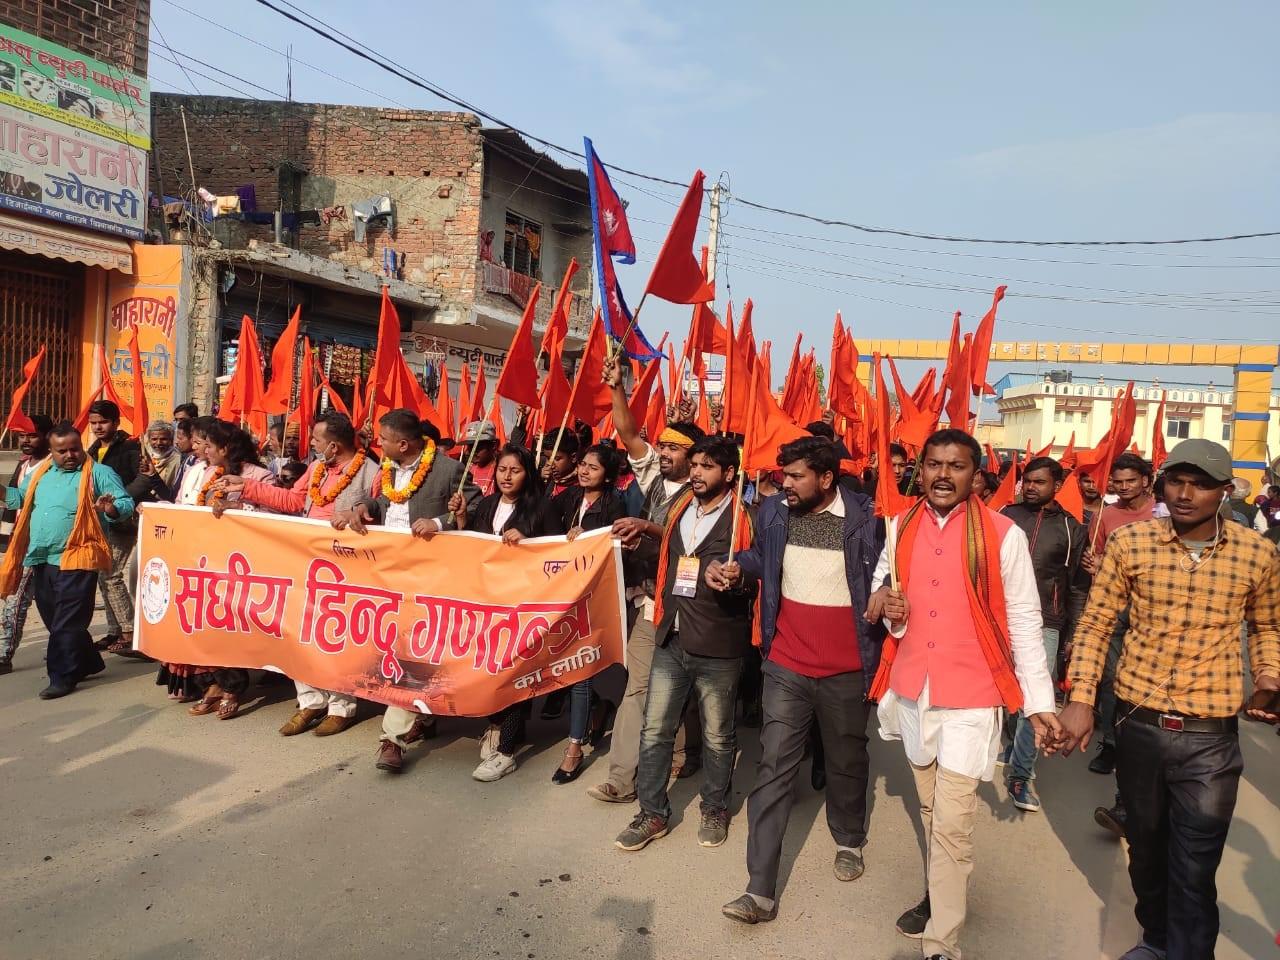 हिन्दु गणतन्त्रको माग र चिनियाँ हस्तक्षेपको विरोध गर्दै जनकपुरमा प्रदर्शन